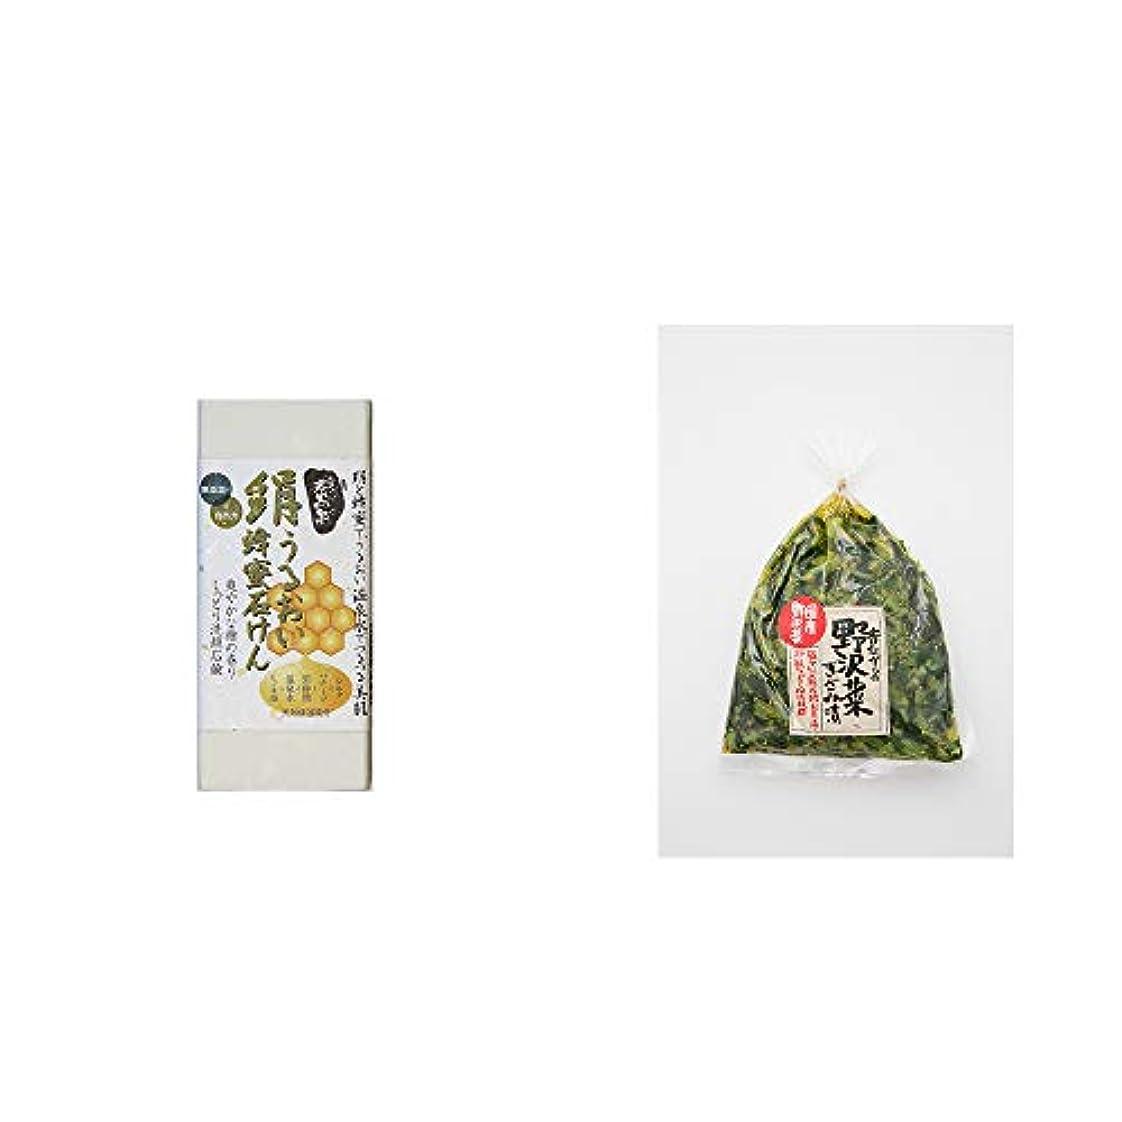 不一致優しさ高い[2点セット] ひのき炭黒泉 絹うるおい蜂蜜石けん(75g×2)?国産 昔ながらの野沢菜きざみ漬け(150g)